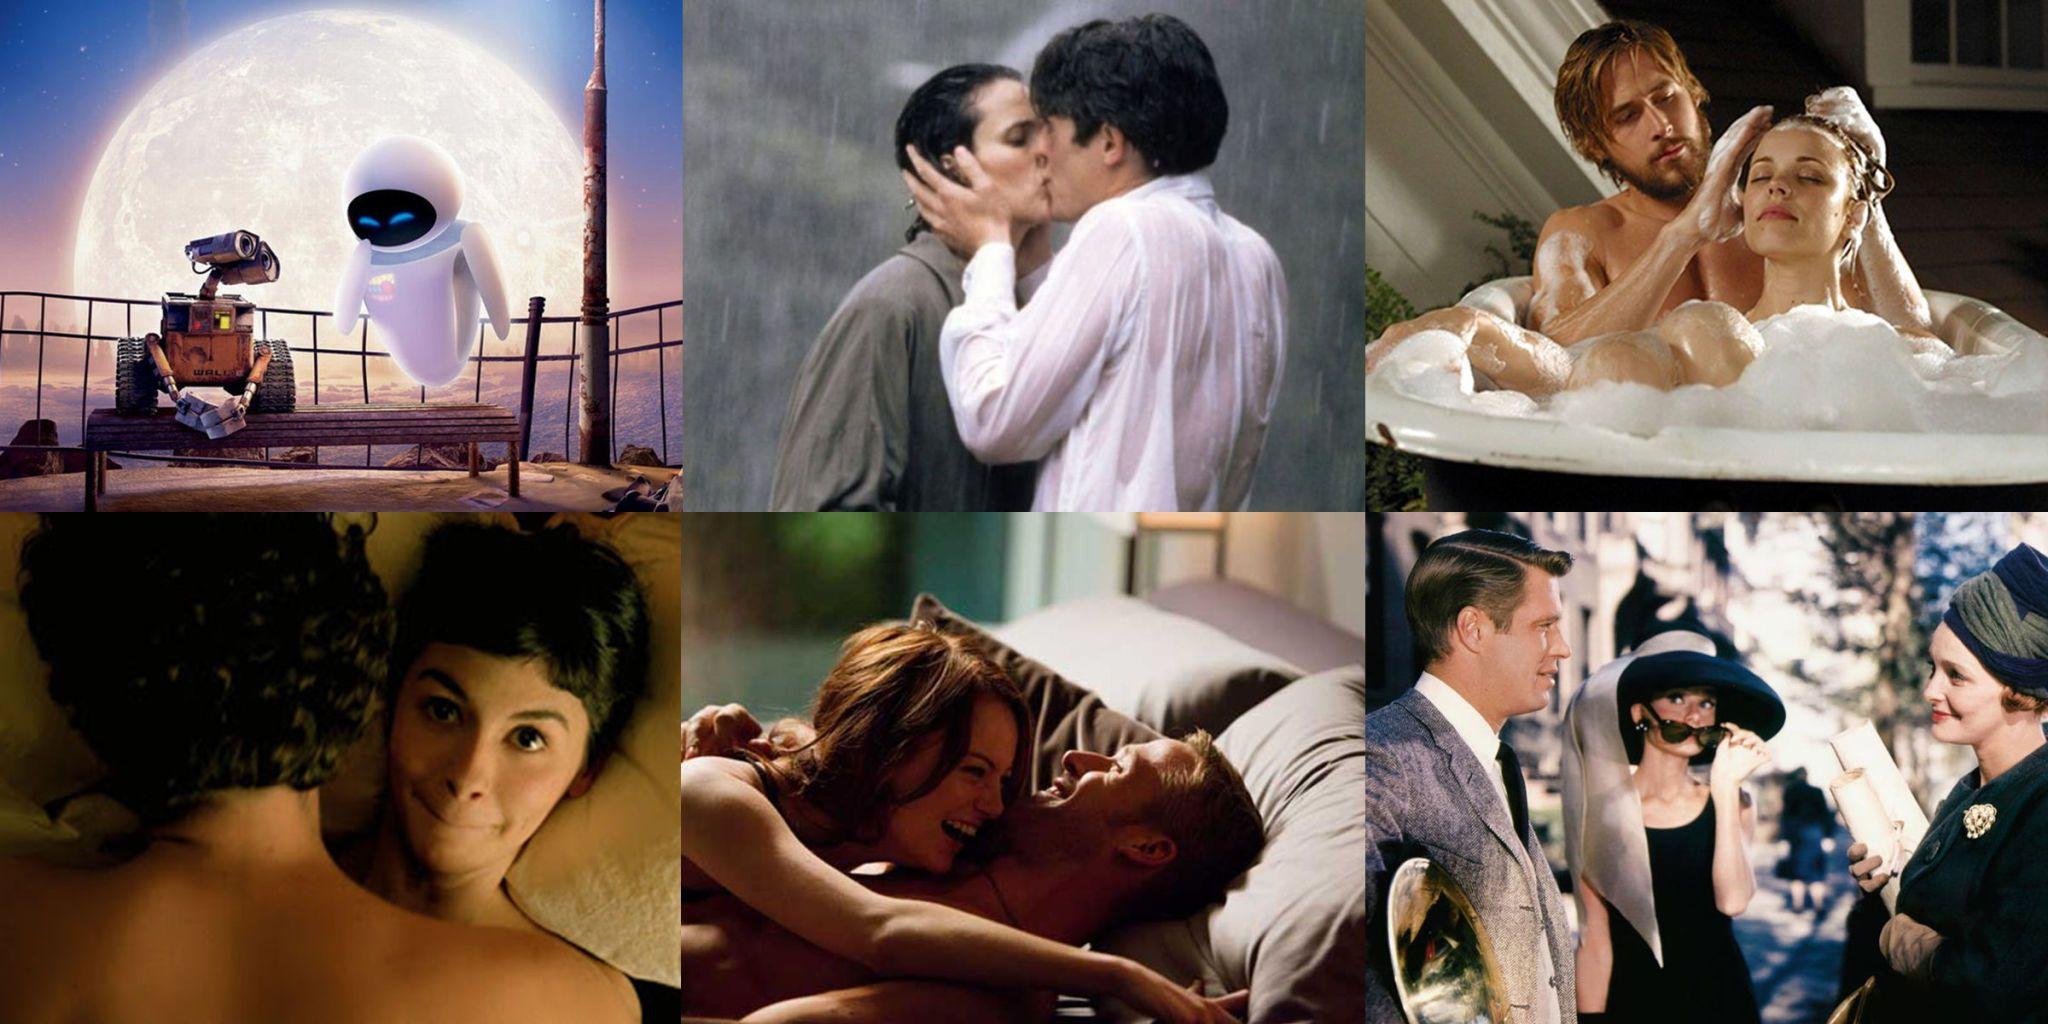 film romantici con scene hot annunci milano massaggi